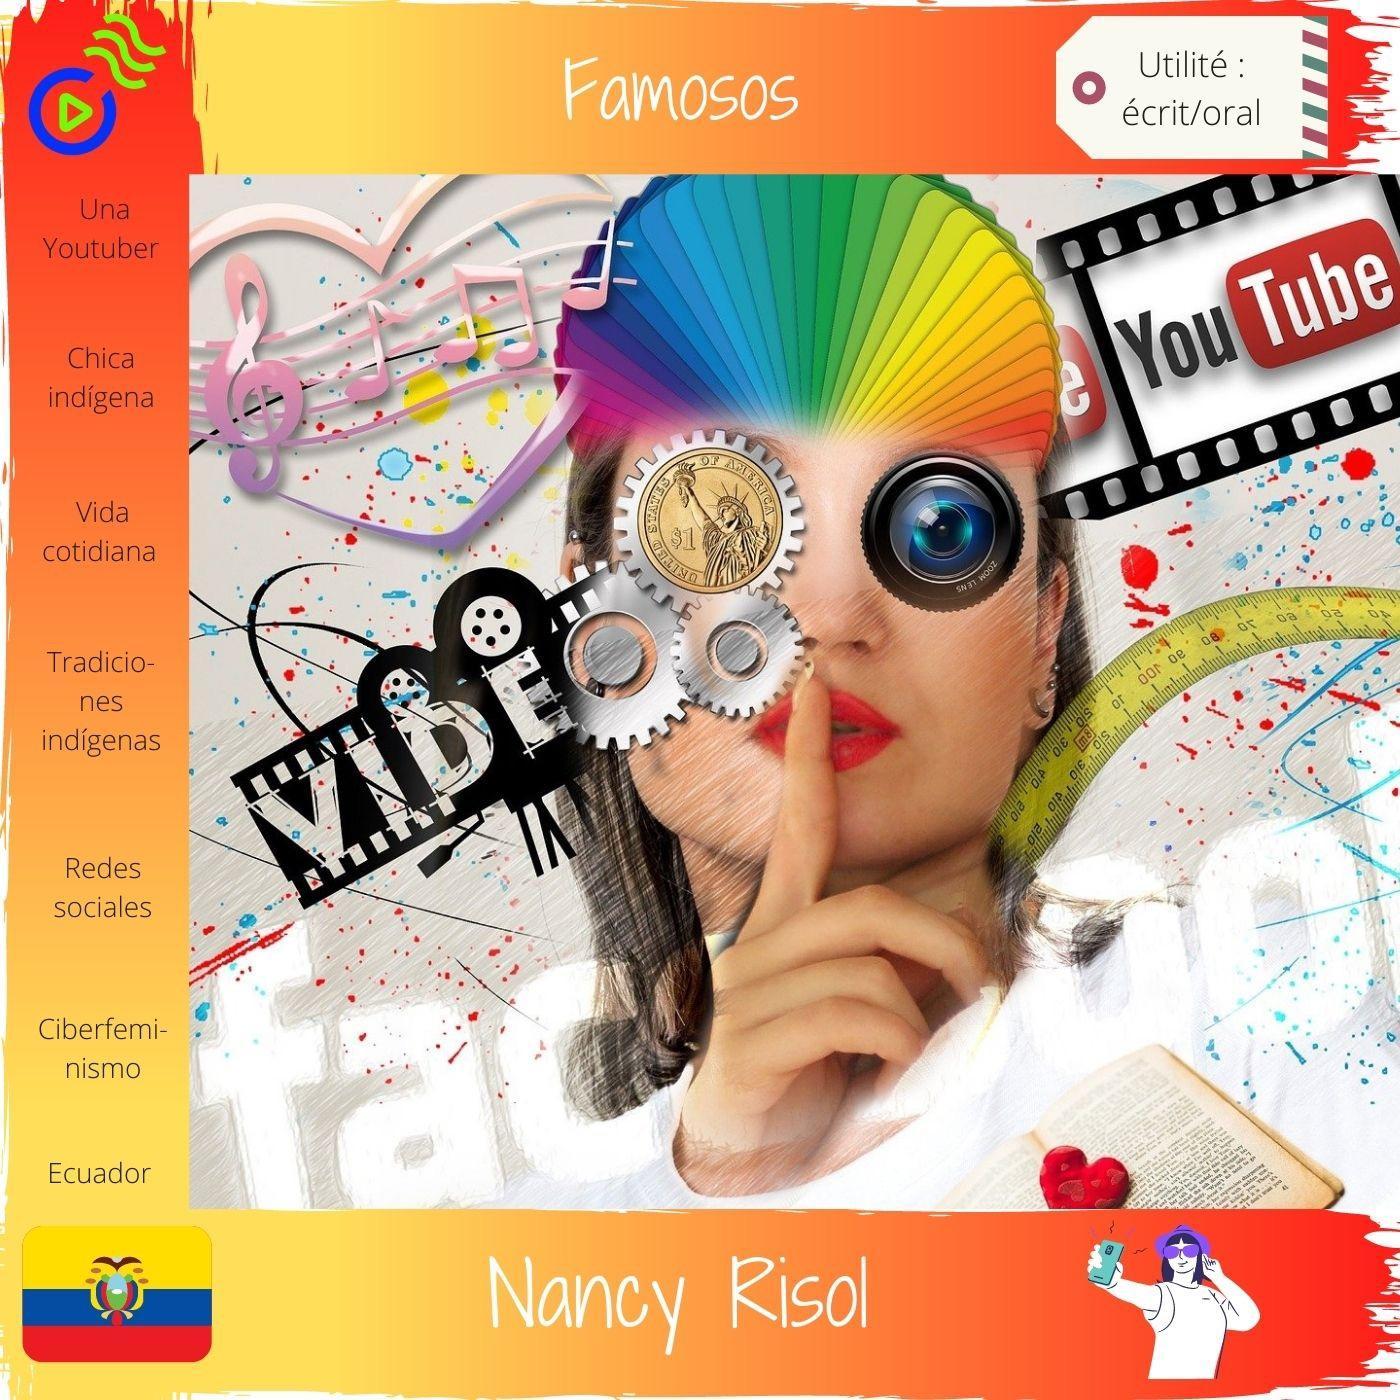 Nancy Risol